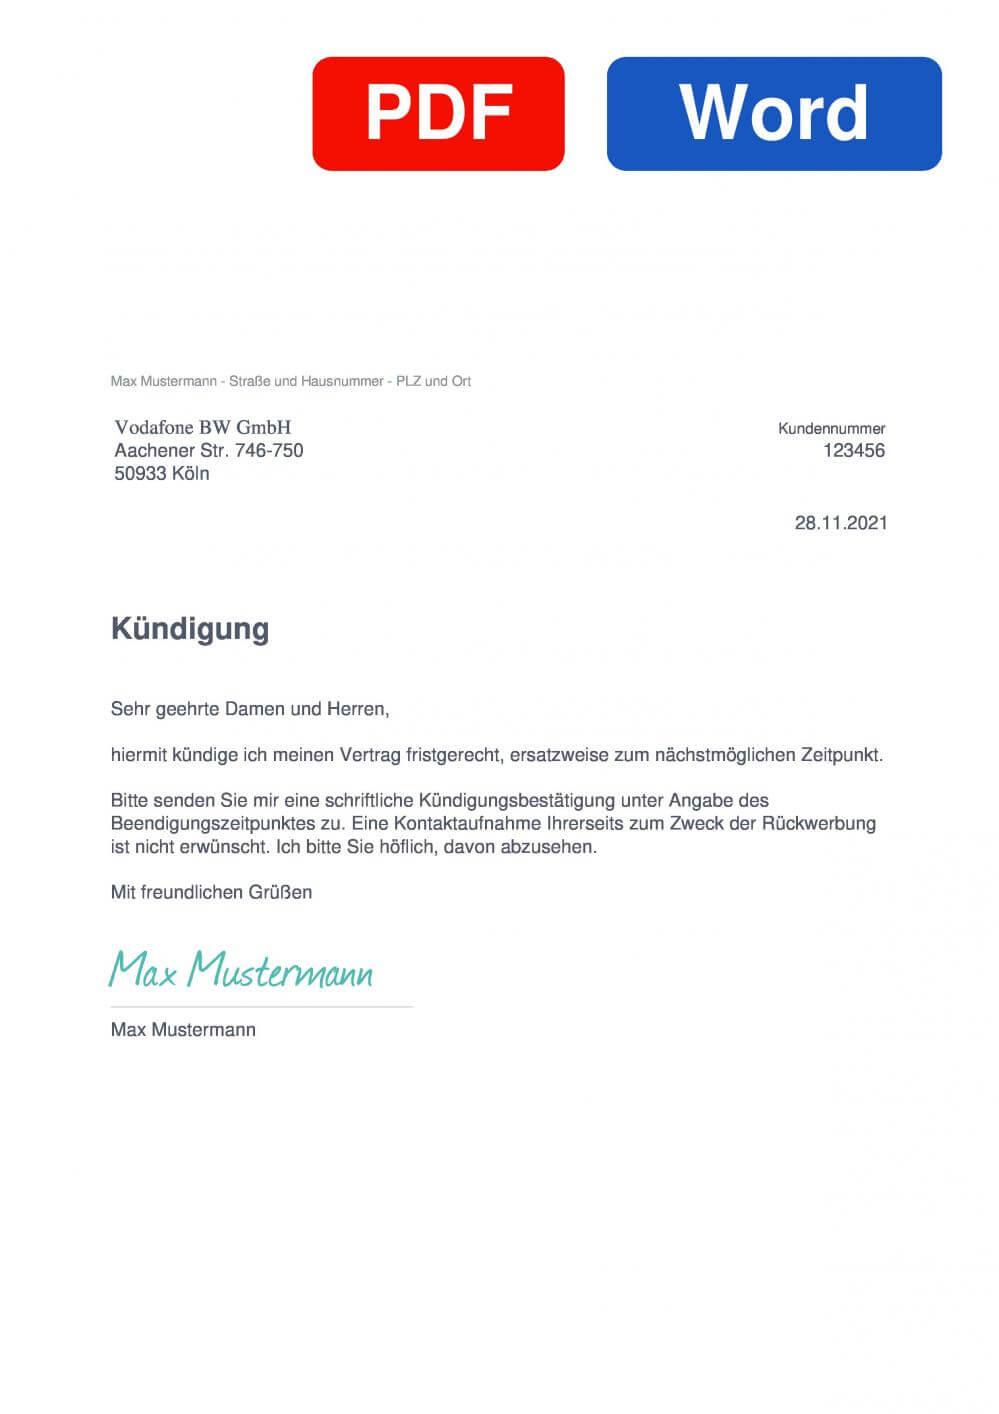 Unitymedia Baden-Württemberg Muster Vorlage für Kündigungsschreiben